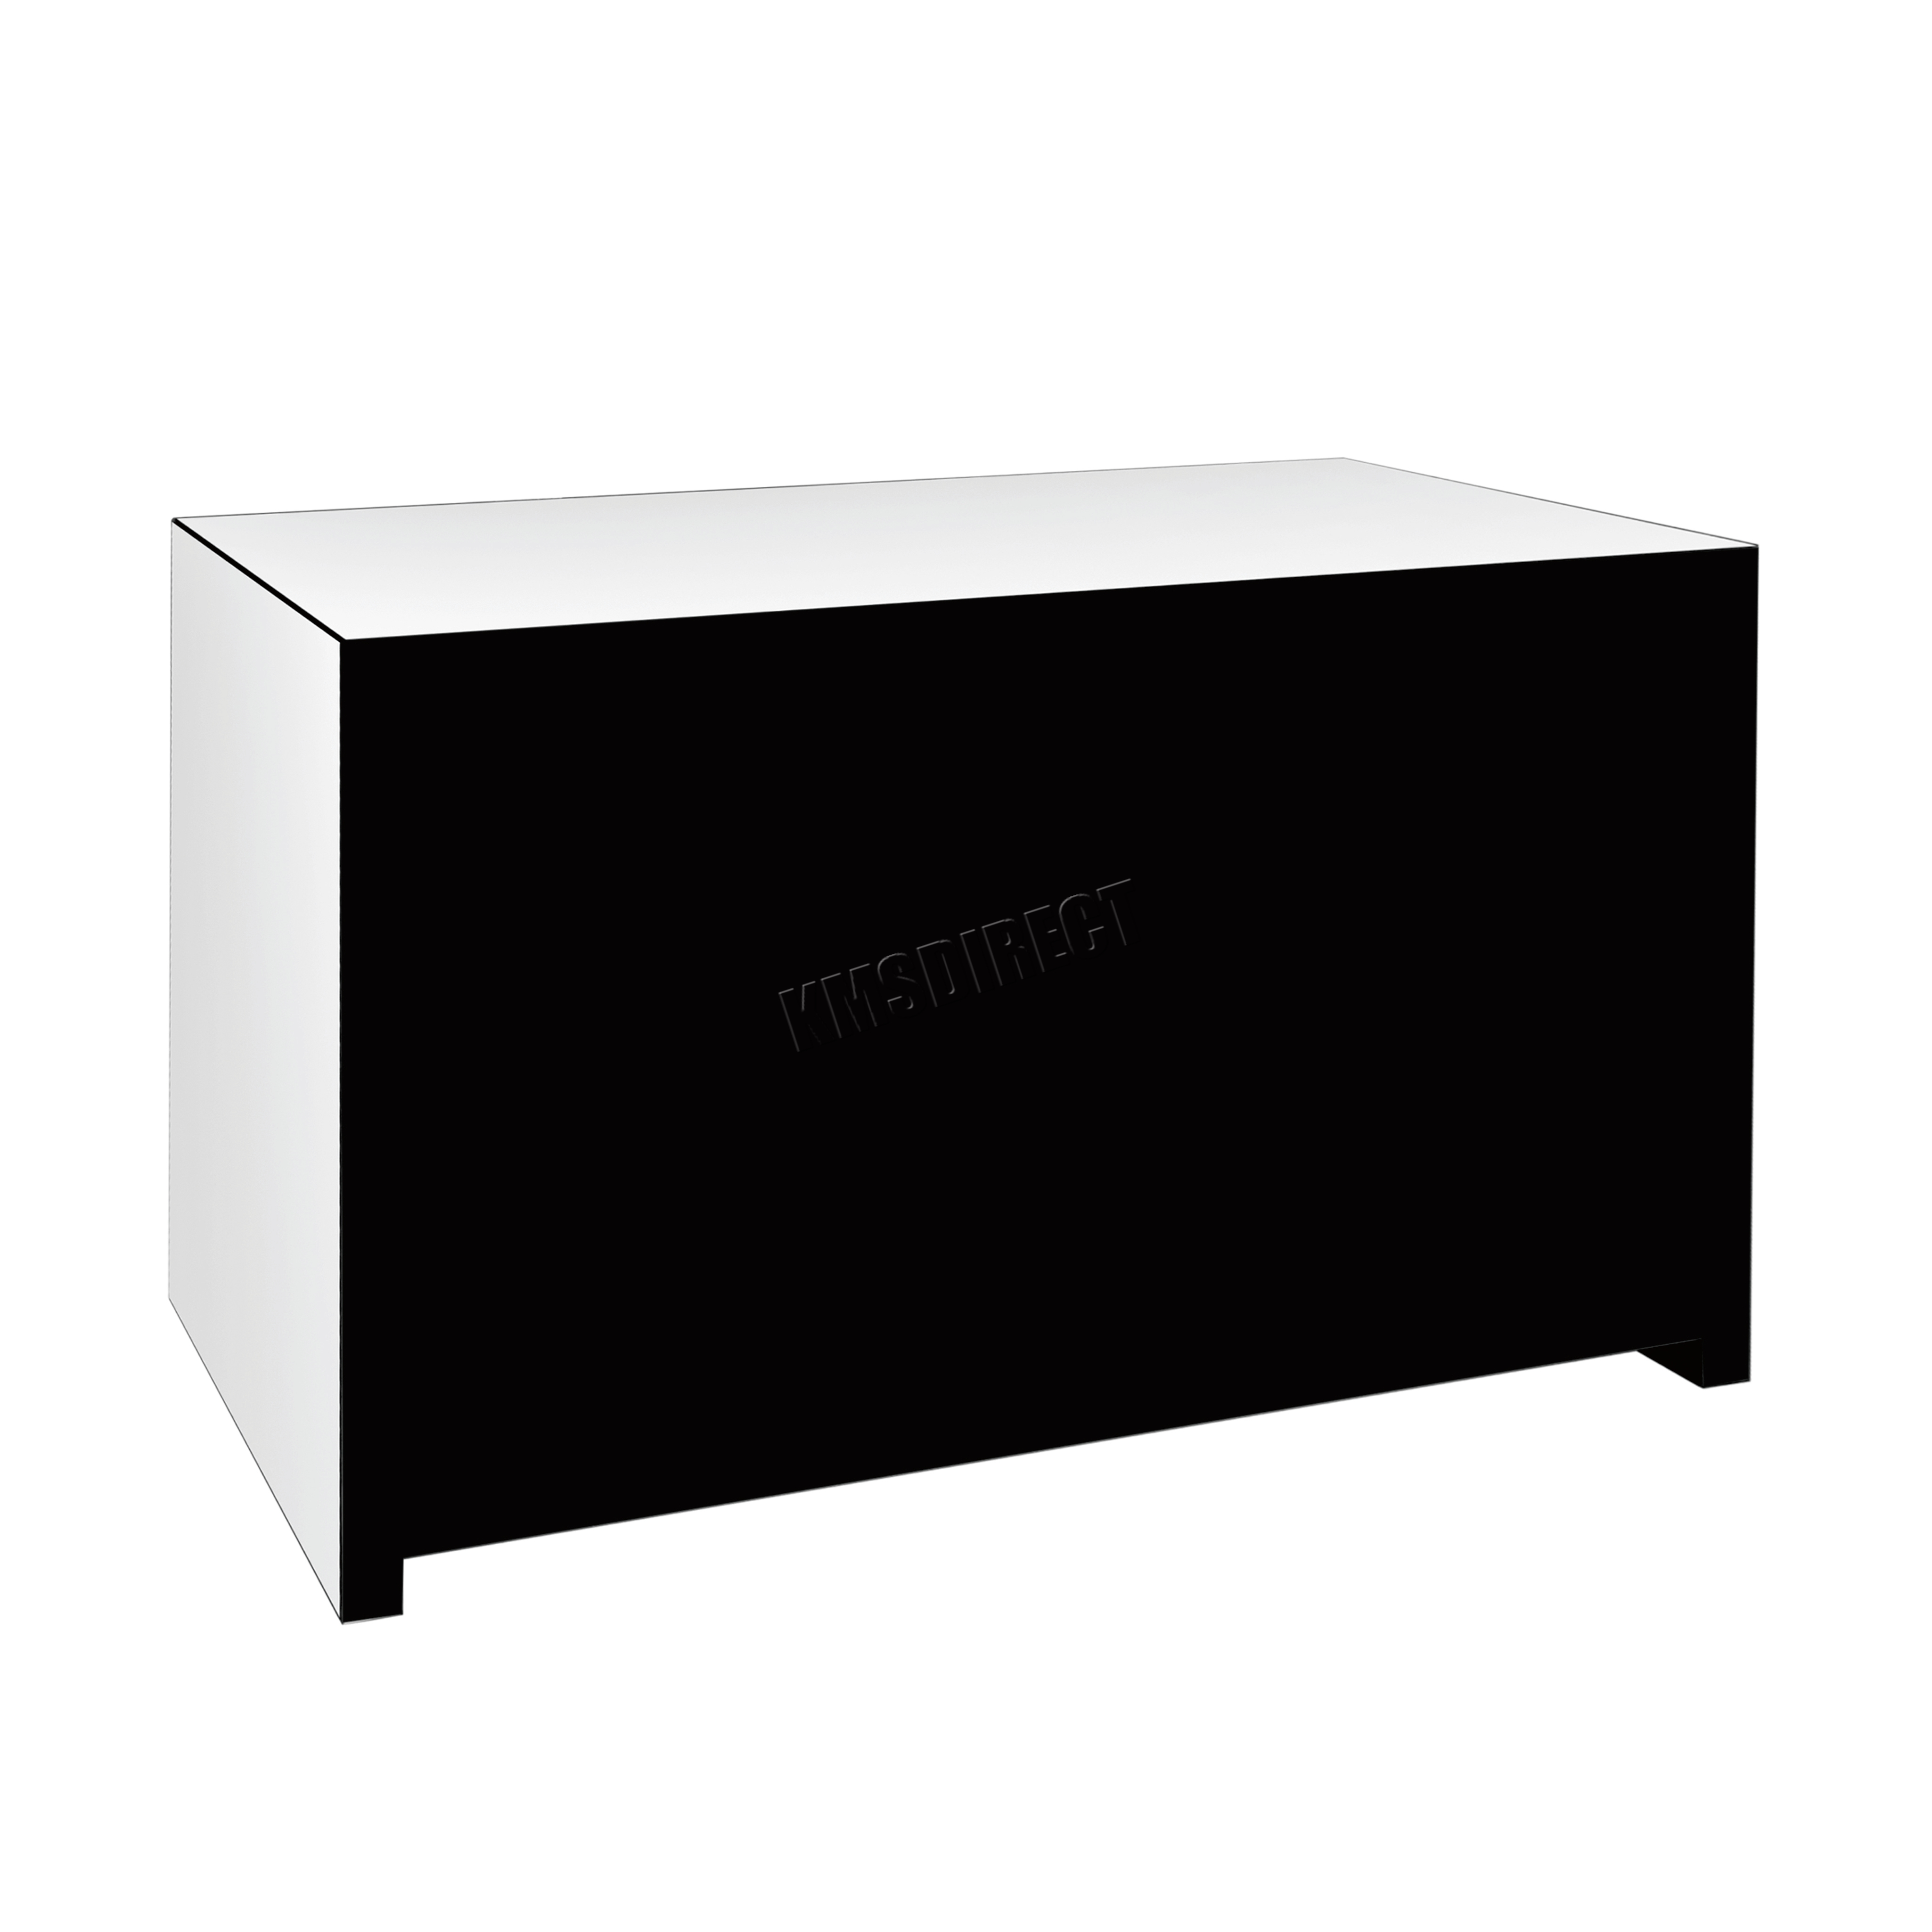 westwood verspiegelt m bel glas mit schublade truhe schrank tisch schlafzimmer ebay. Black Bedroom Furniture Sets. Home Design Ideas